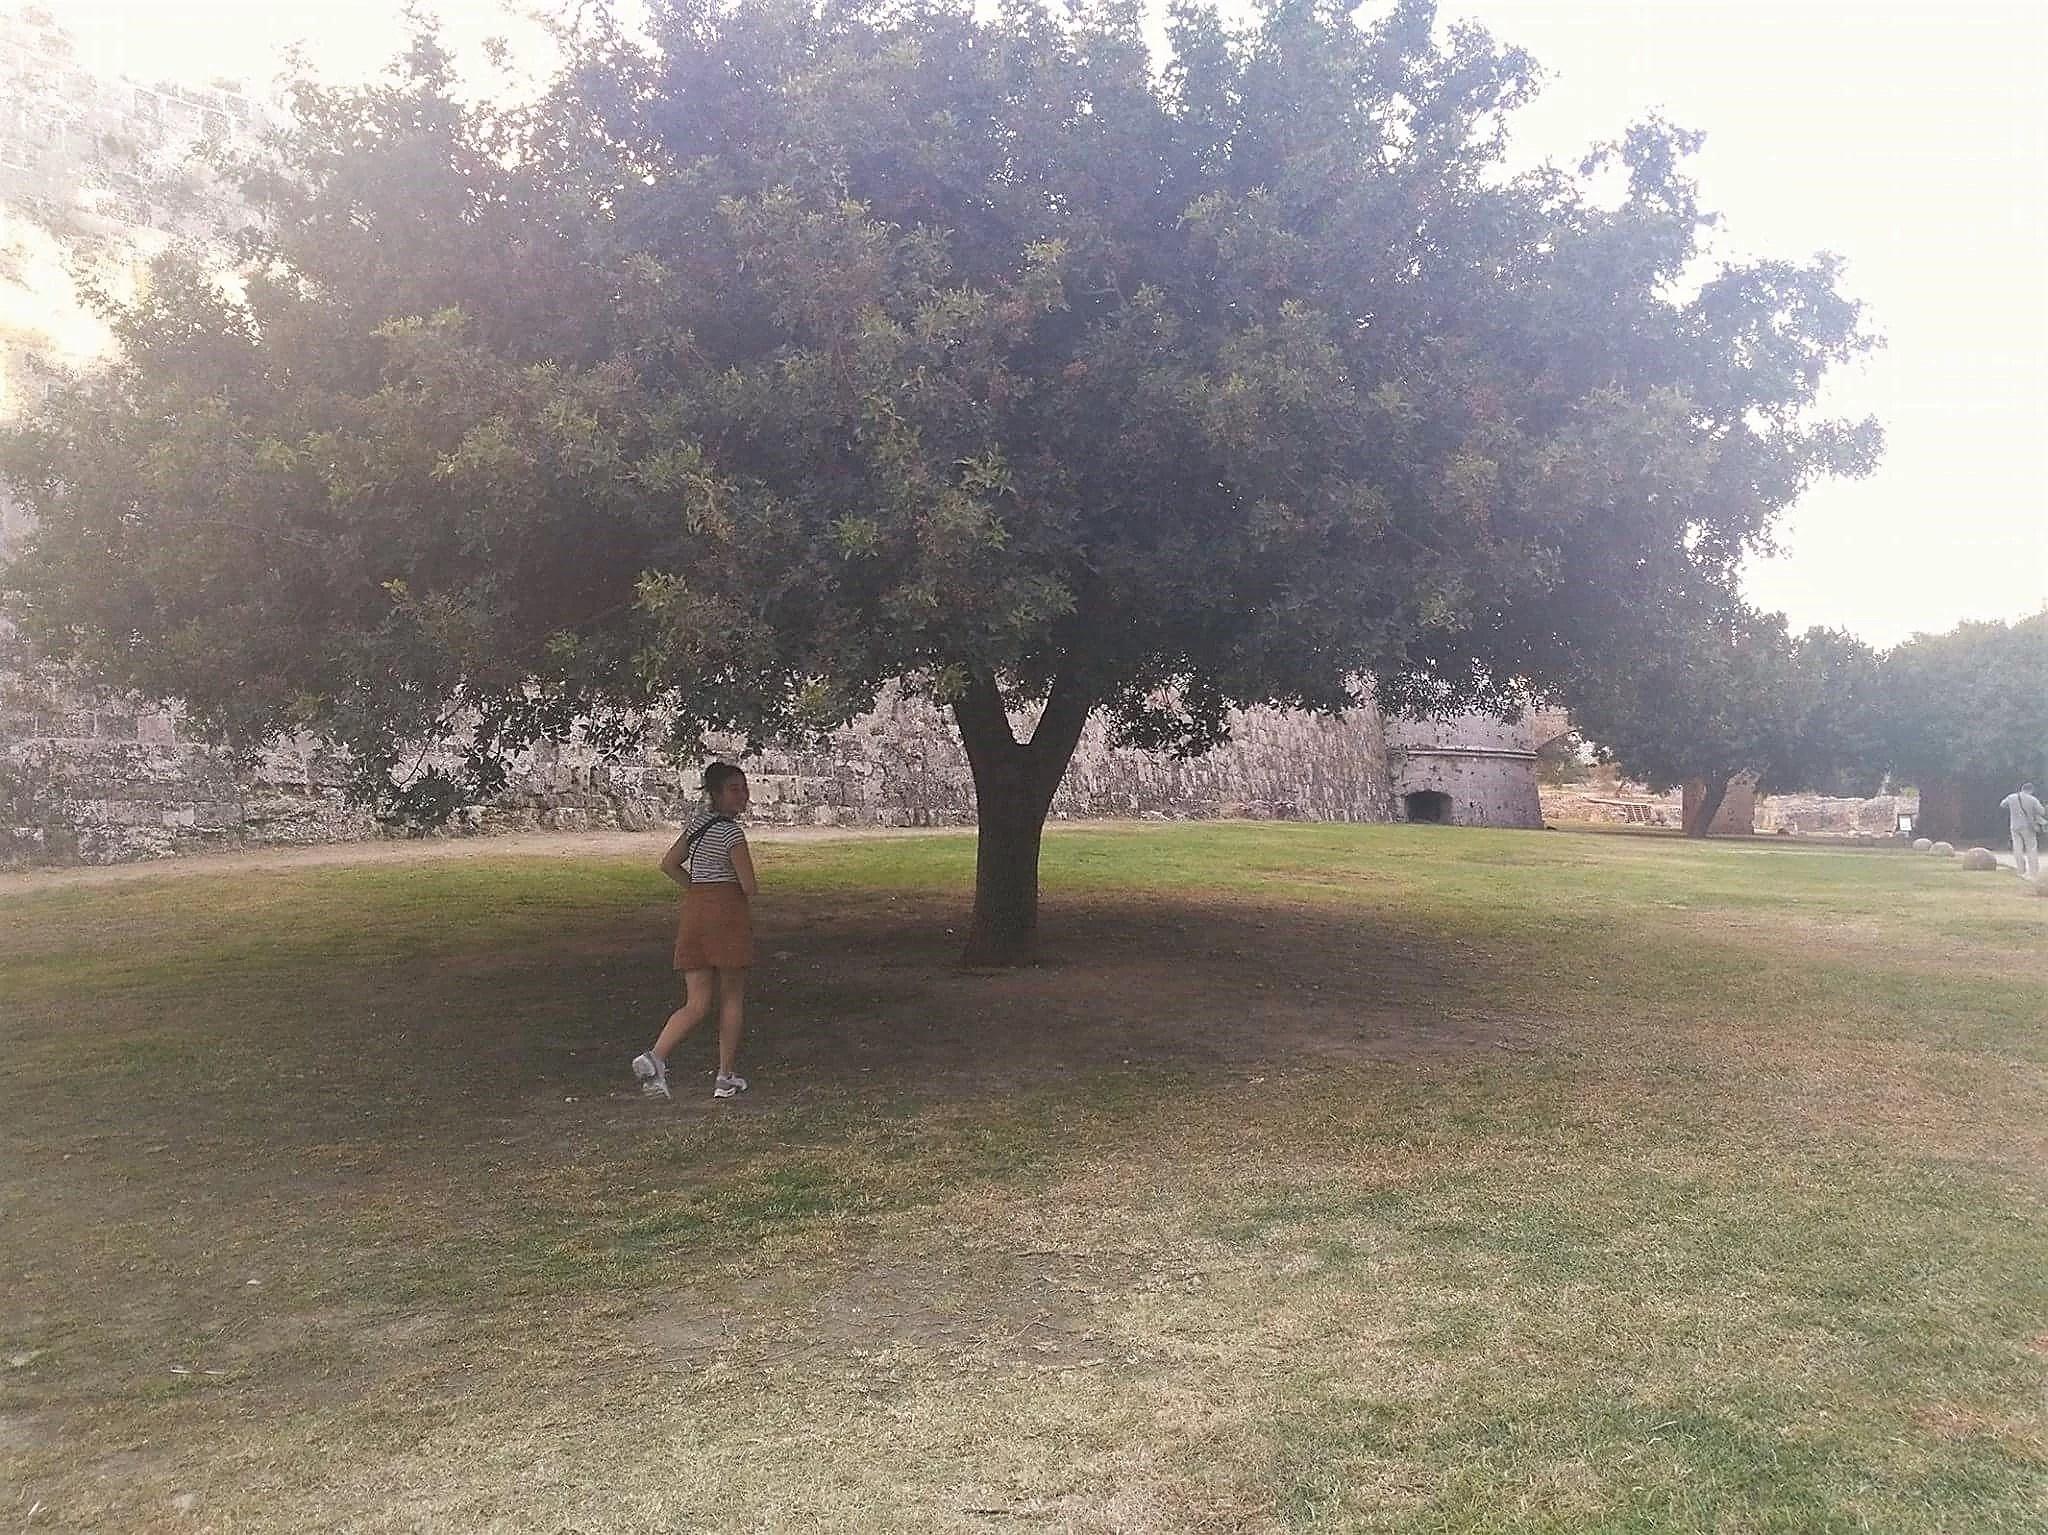 need healing? Hug a tree.